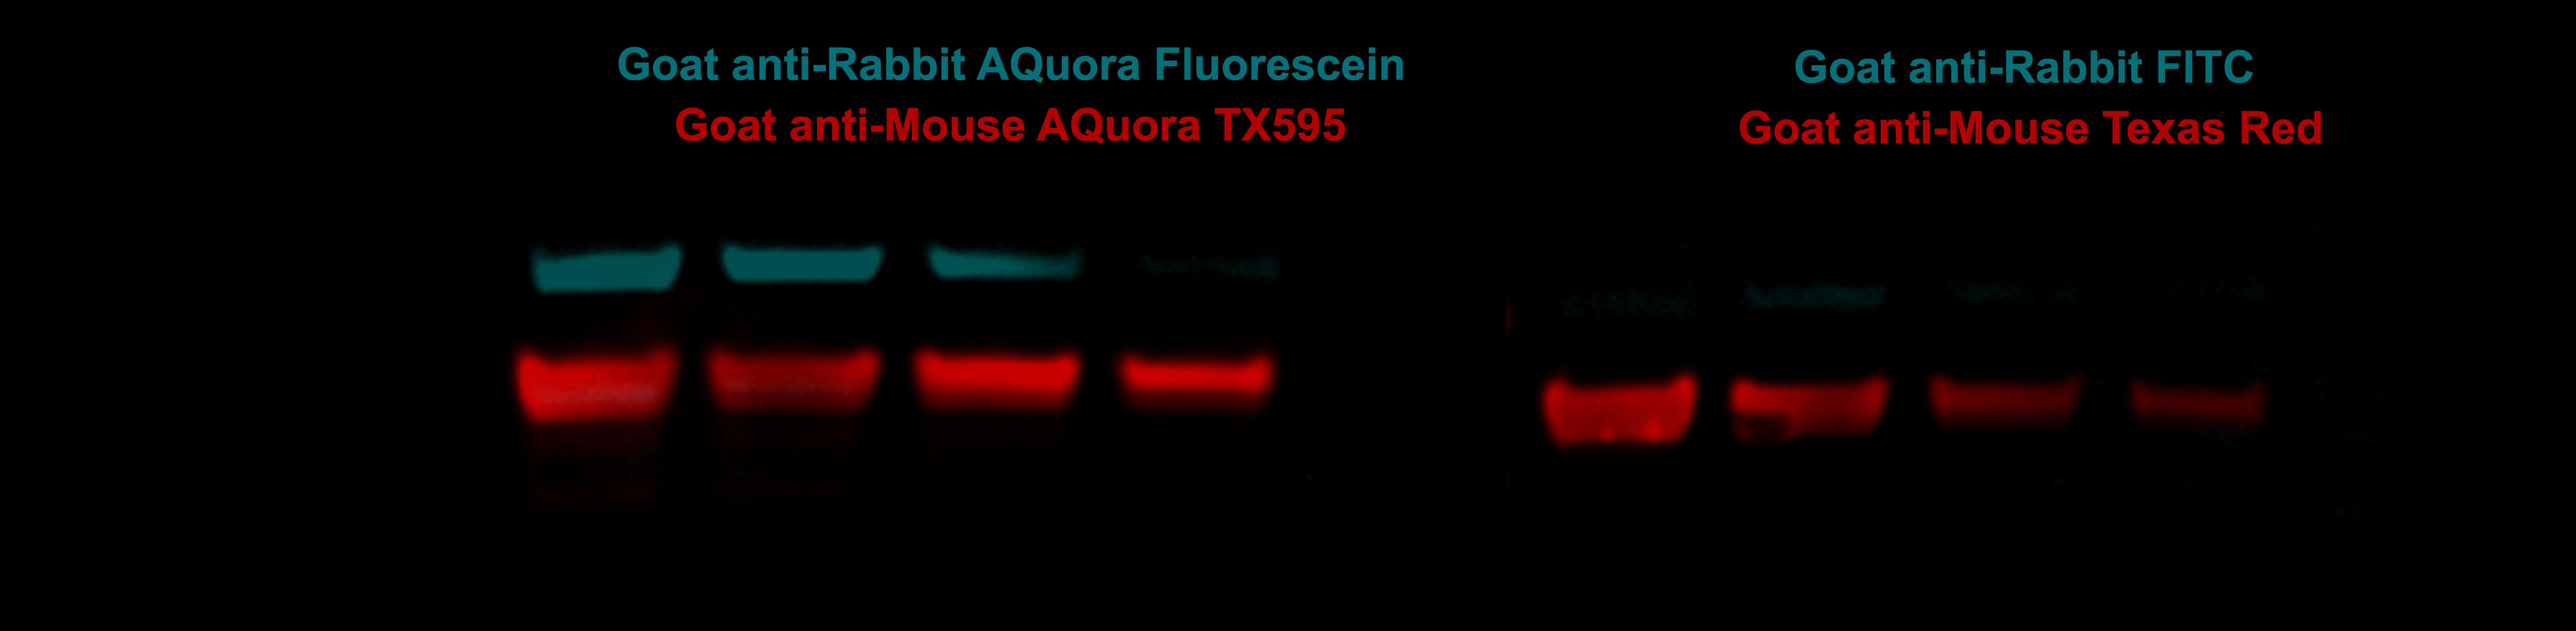 FLUORO_07152021_120718AQFL_AQ595_GOOD PS 3 IS PNG4 (002)